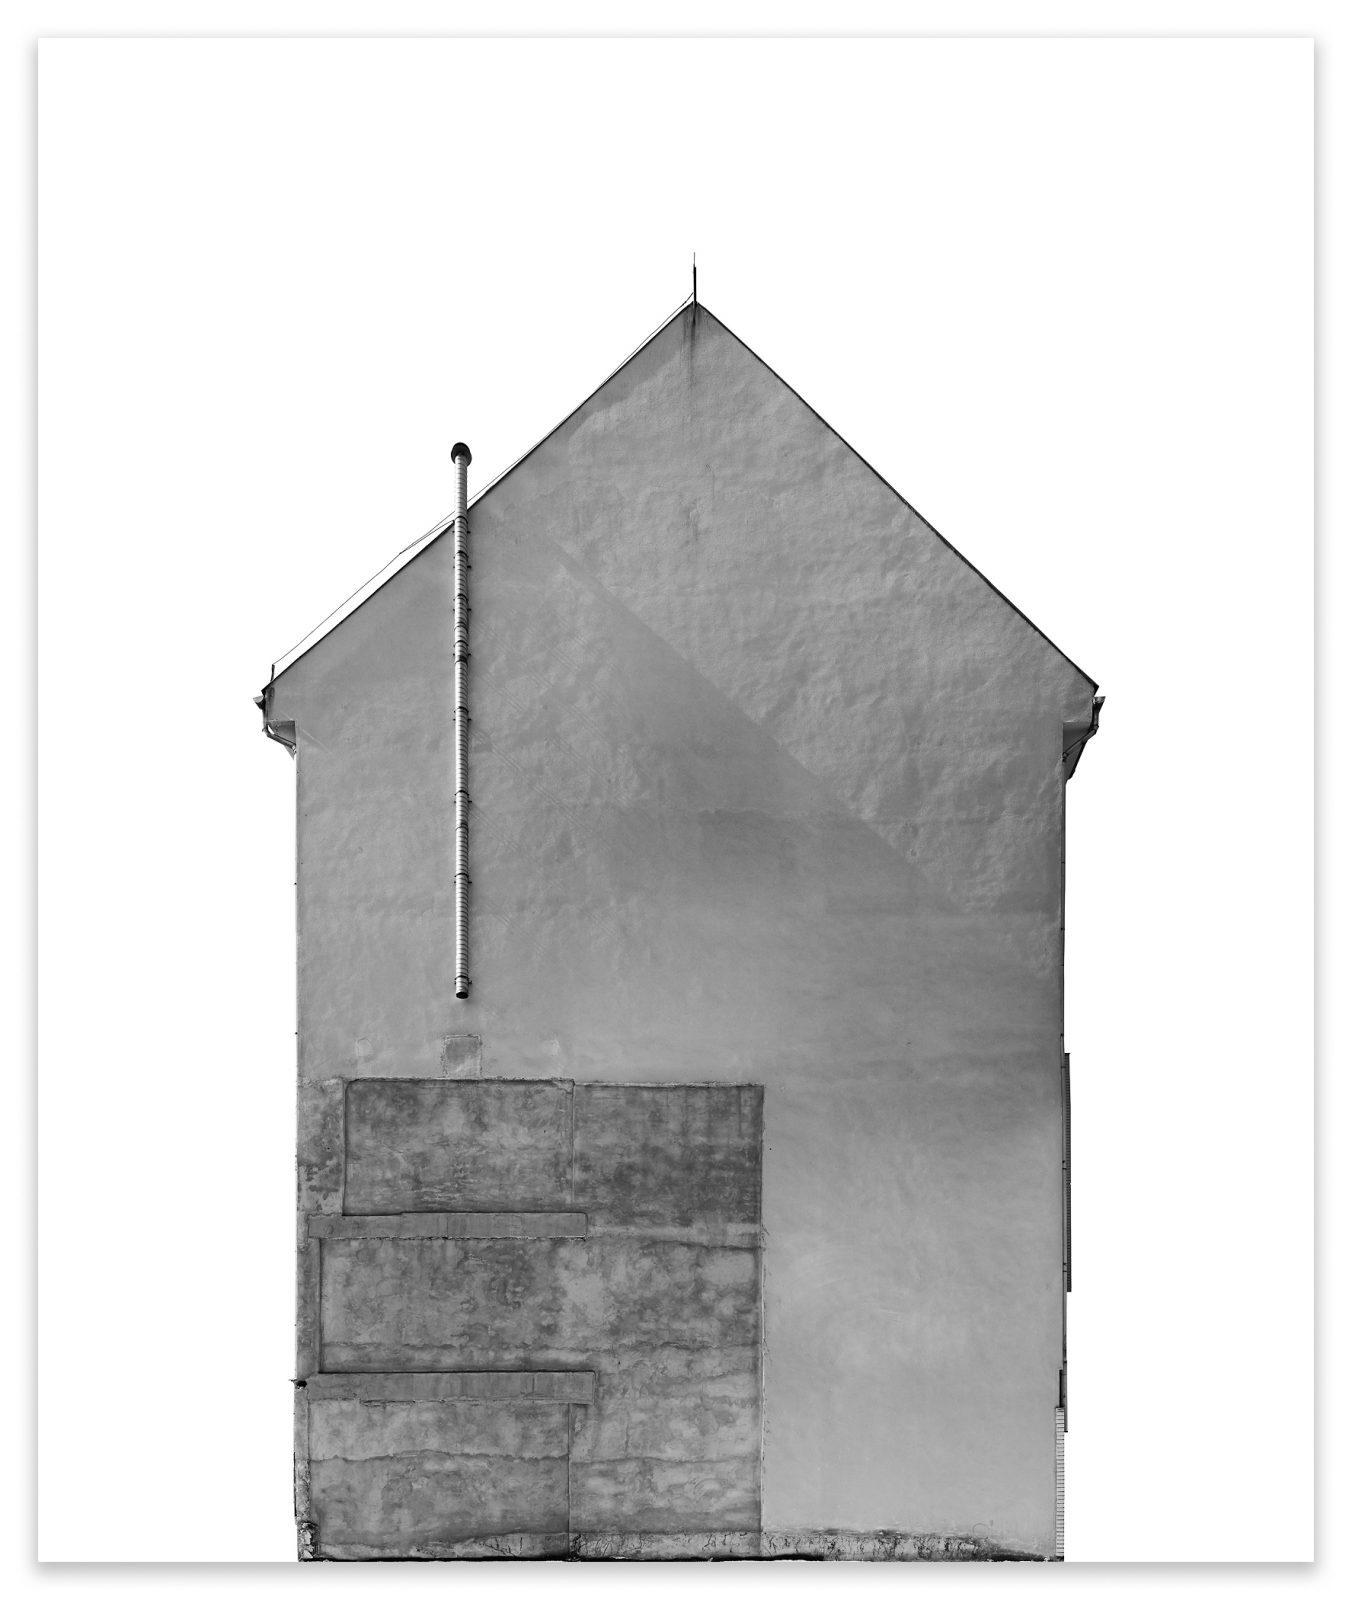 Czigány Ákos: Otthon 4985-5011